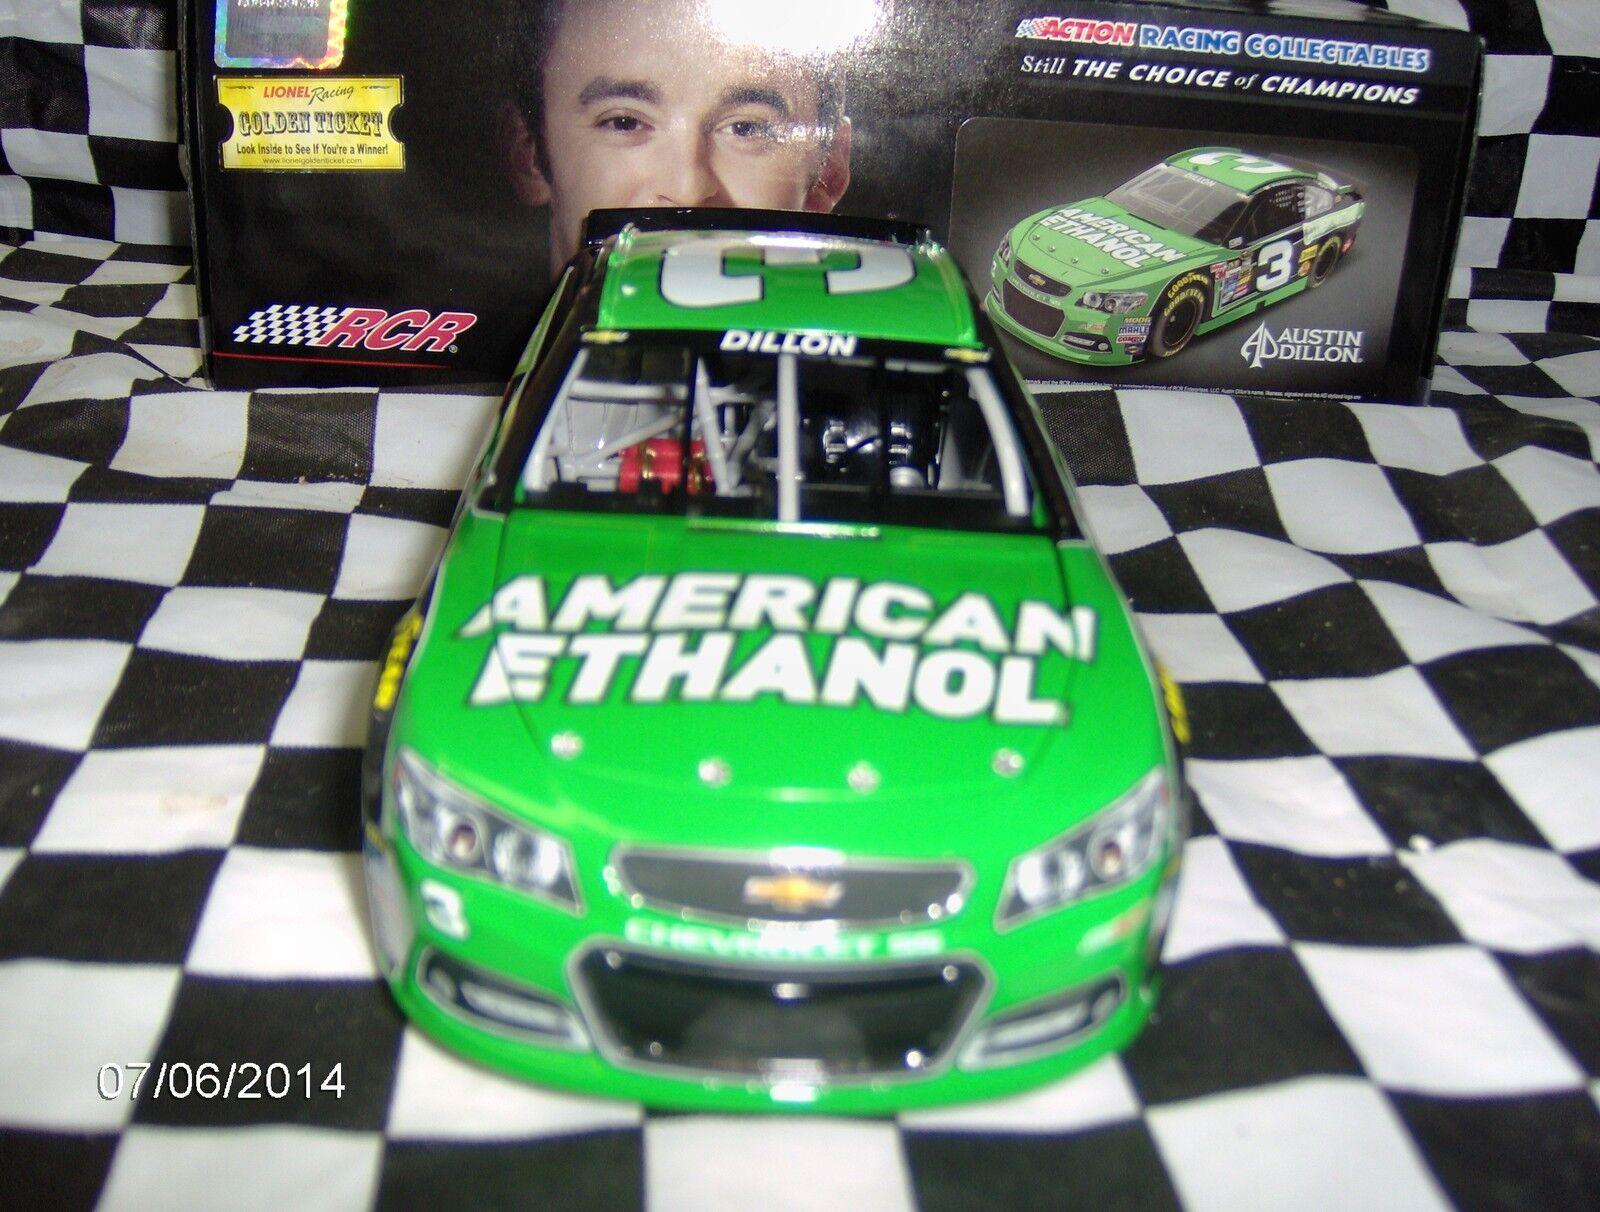 2014 Austin Dillon American Ethanol Rookie 1 24th. 24th. 24th. fa2282